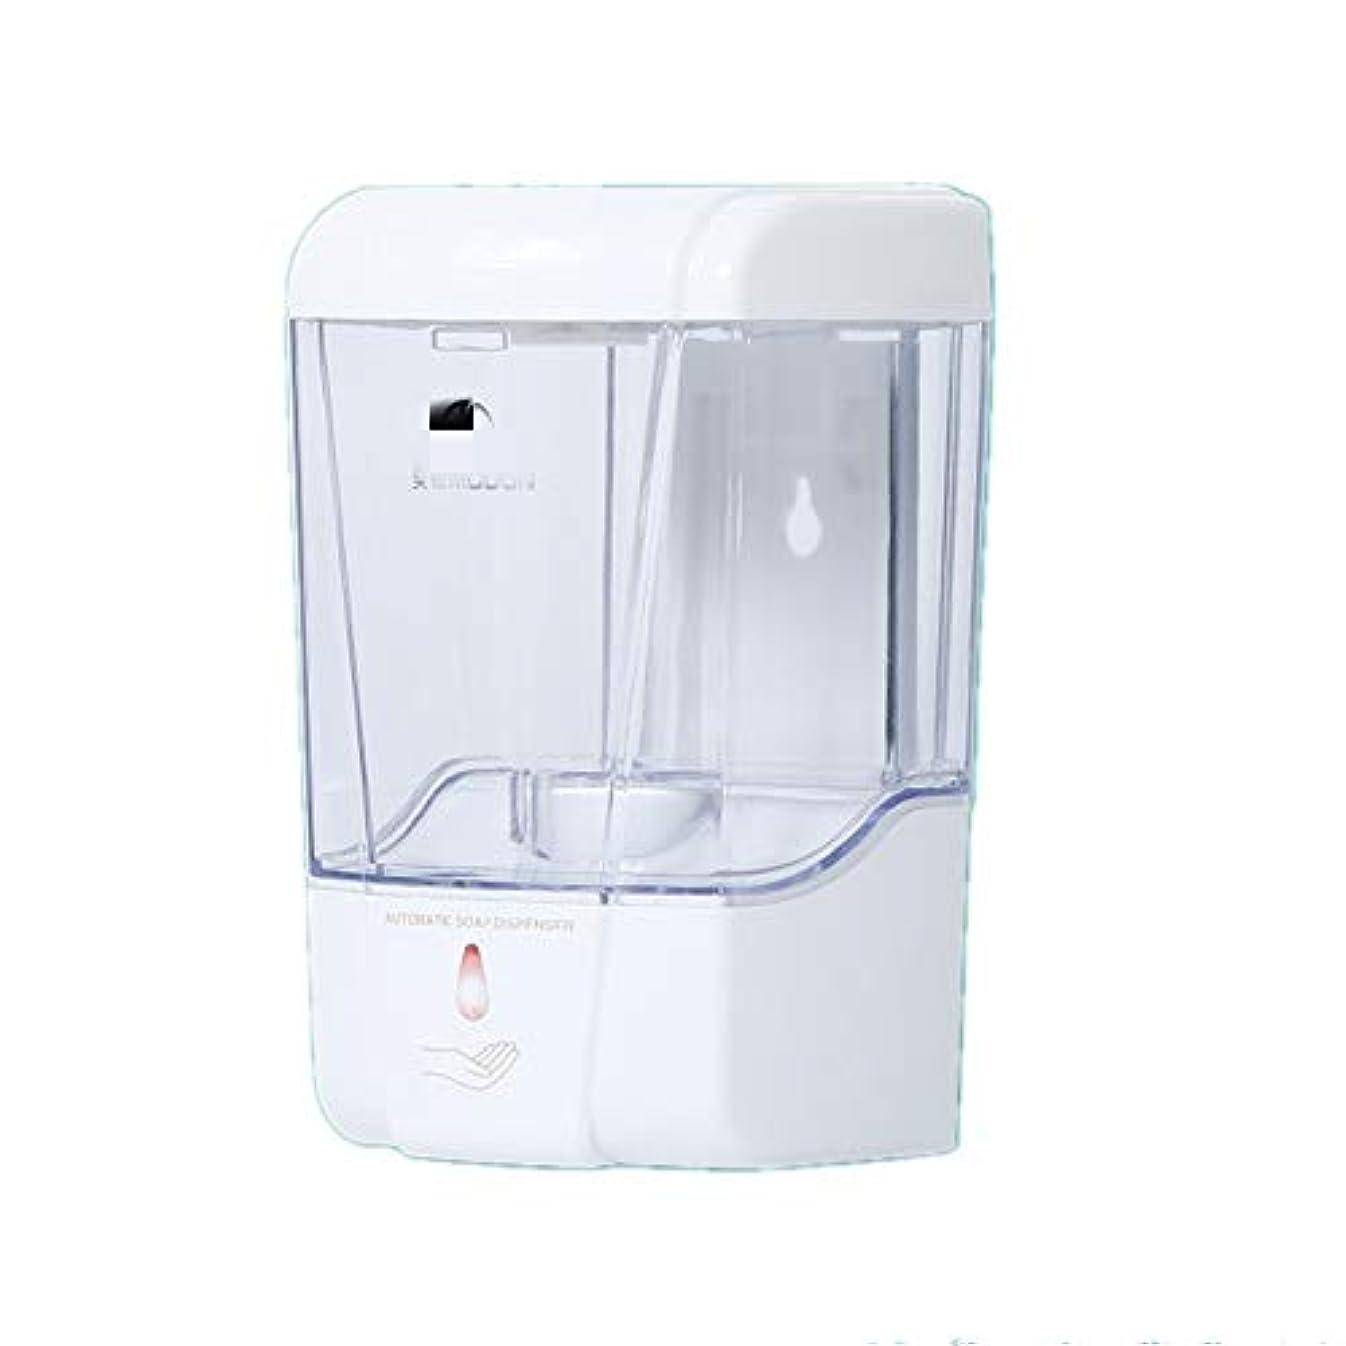 空記念文法ソープディスペンサー 600mlの容量自動ソープディスペンサー非接触キッチンバスルームソープディスペンサー ハンドソープ 食器用洗剤 キッチン 洗面所などに適用 (Color : White, Size : One size)